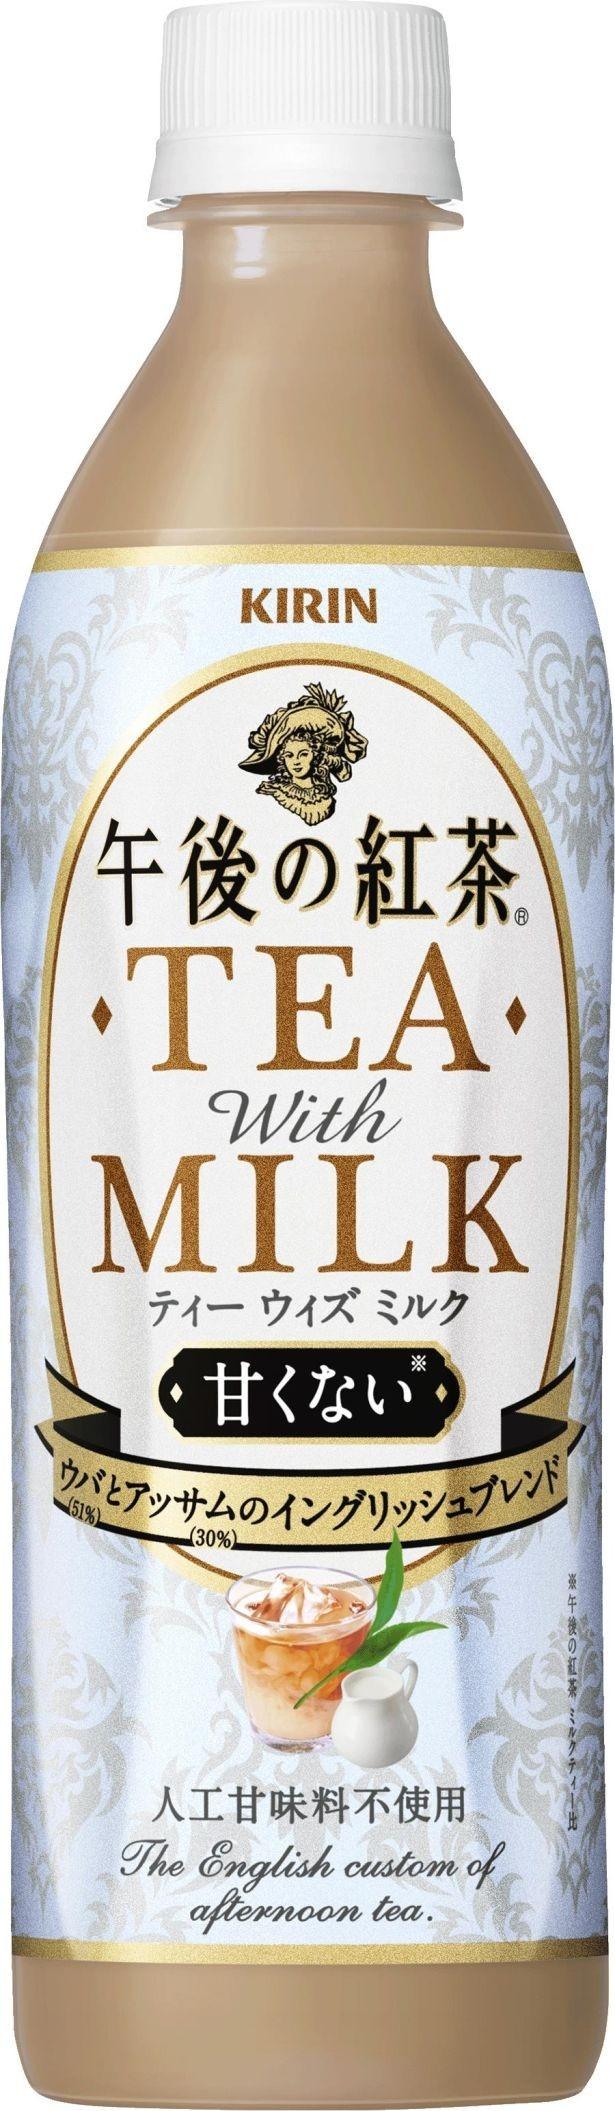 6月6日(火)に全国発売する「キリン 午後の紅茶 ティー ウィズ ミルク(TEA with MILK)」(希望小売価格・税抜140円)